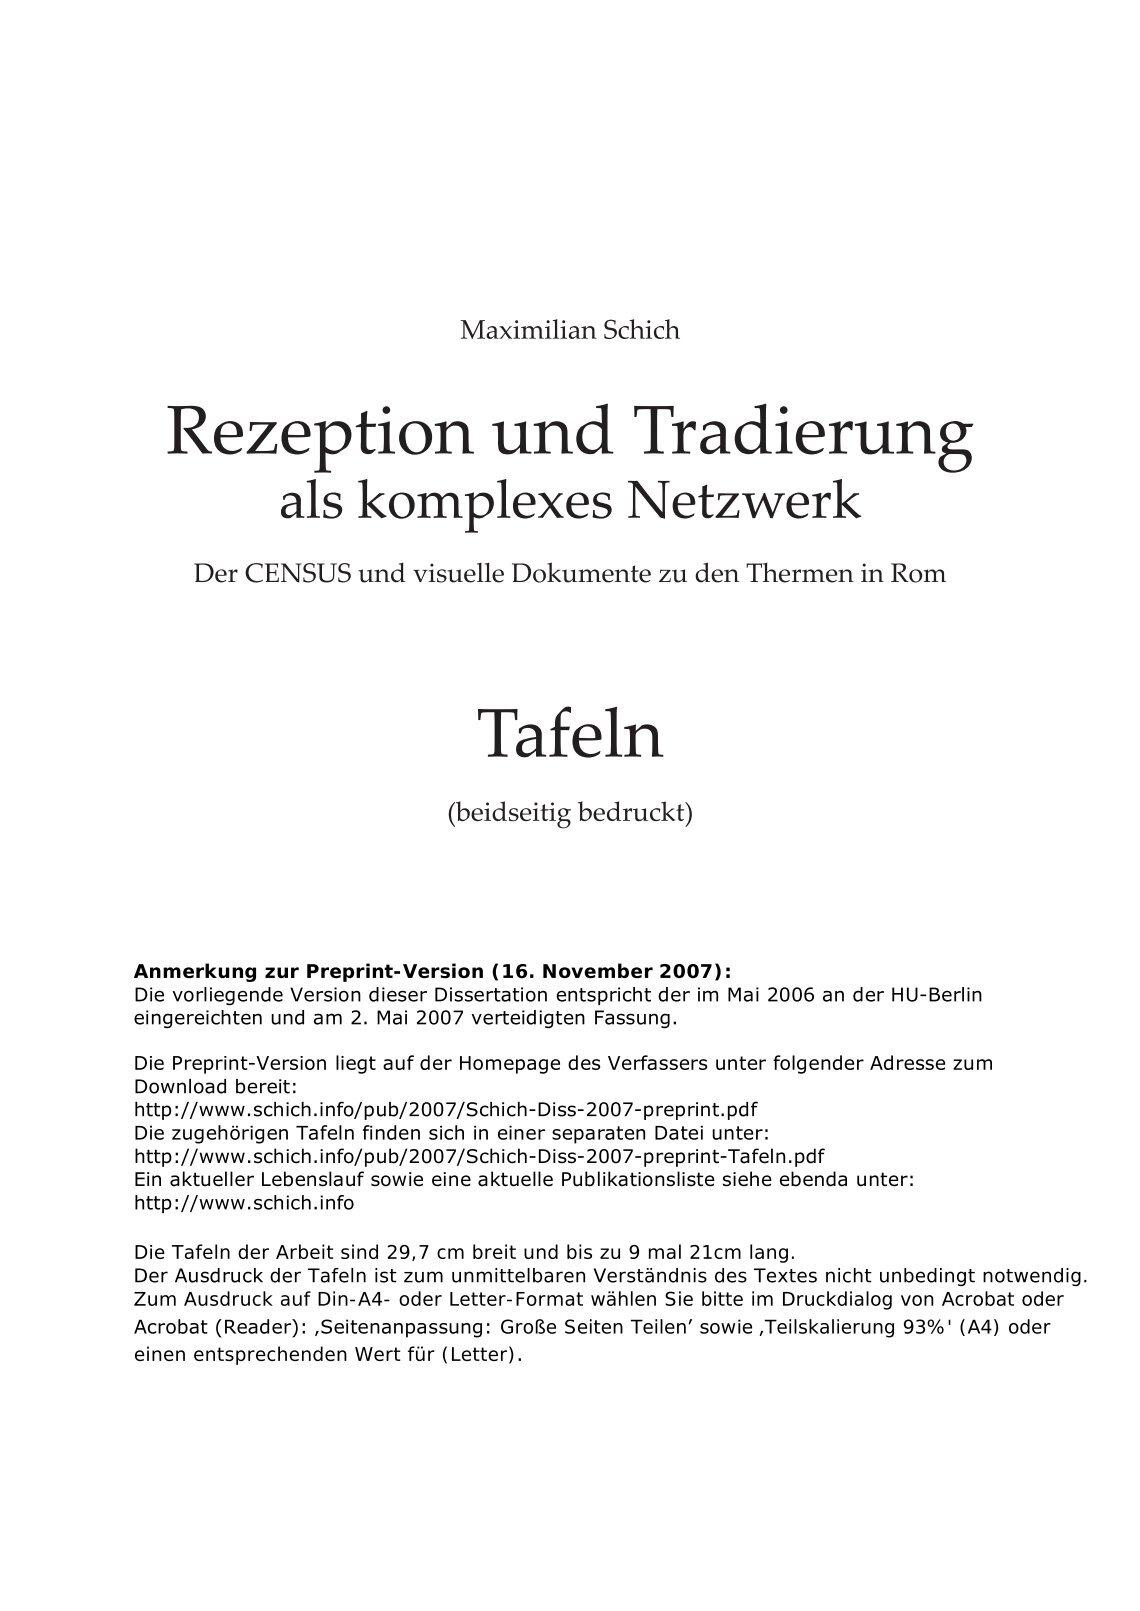 Schön Rezeption Lebenslauf Pdf Bilder - Entry Level Resume Vorlagen ...